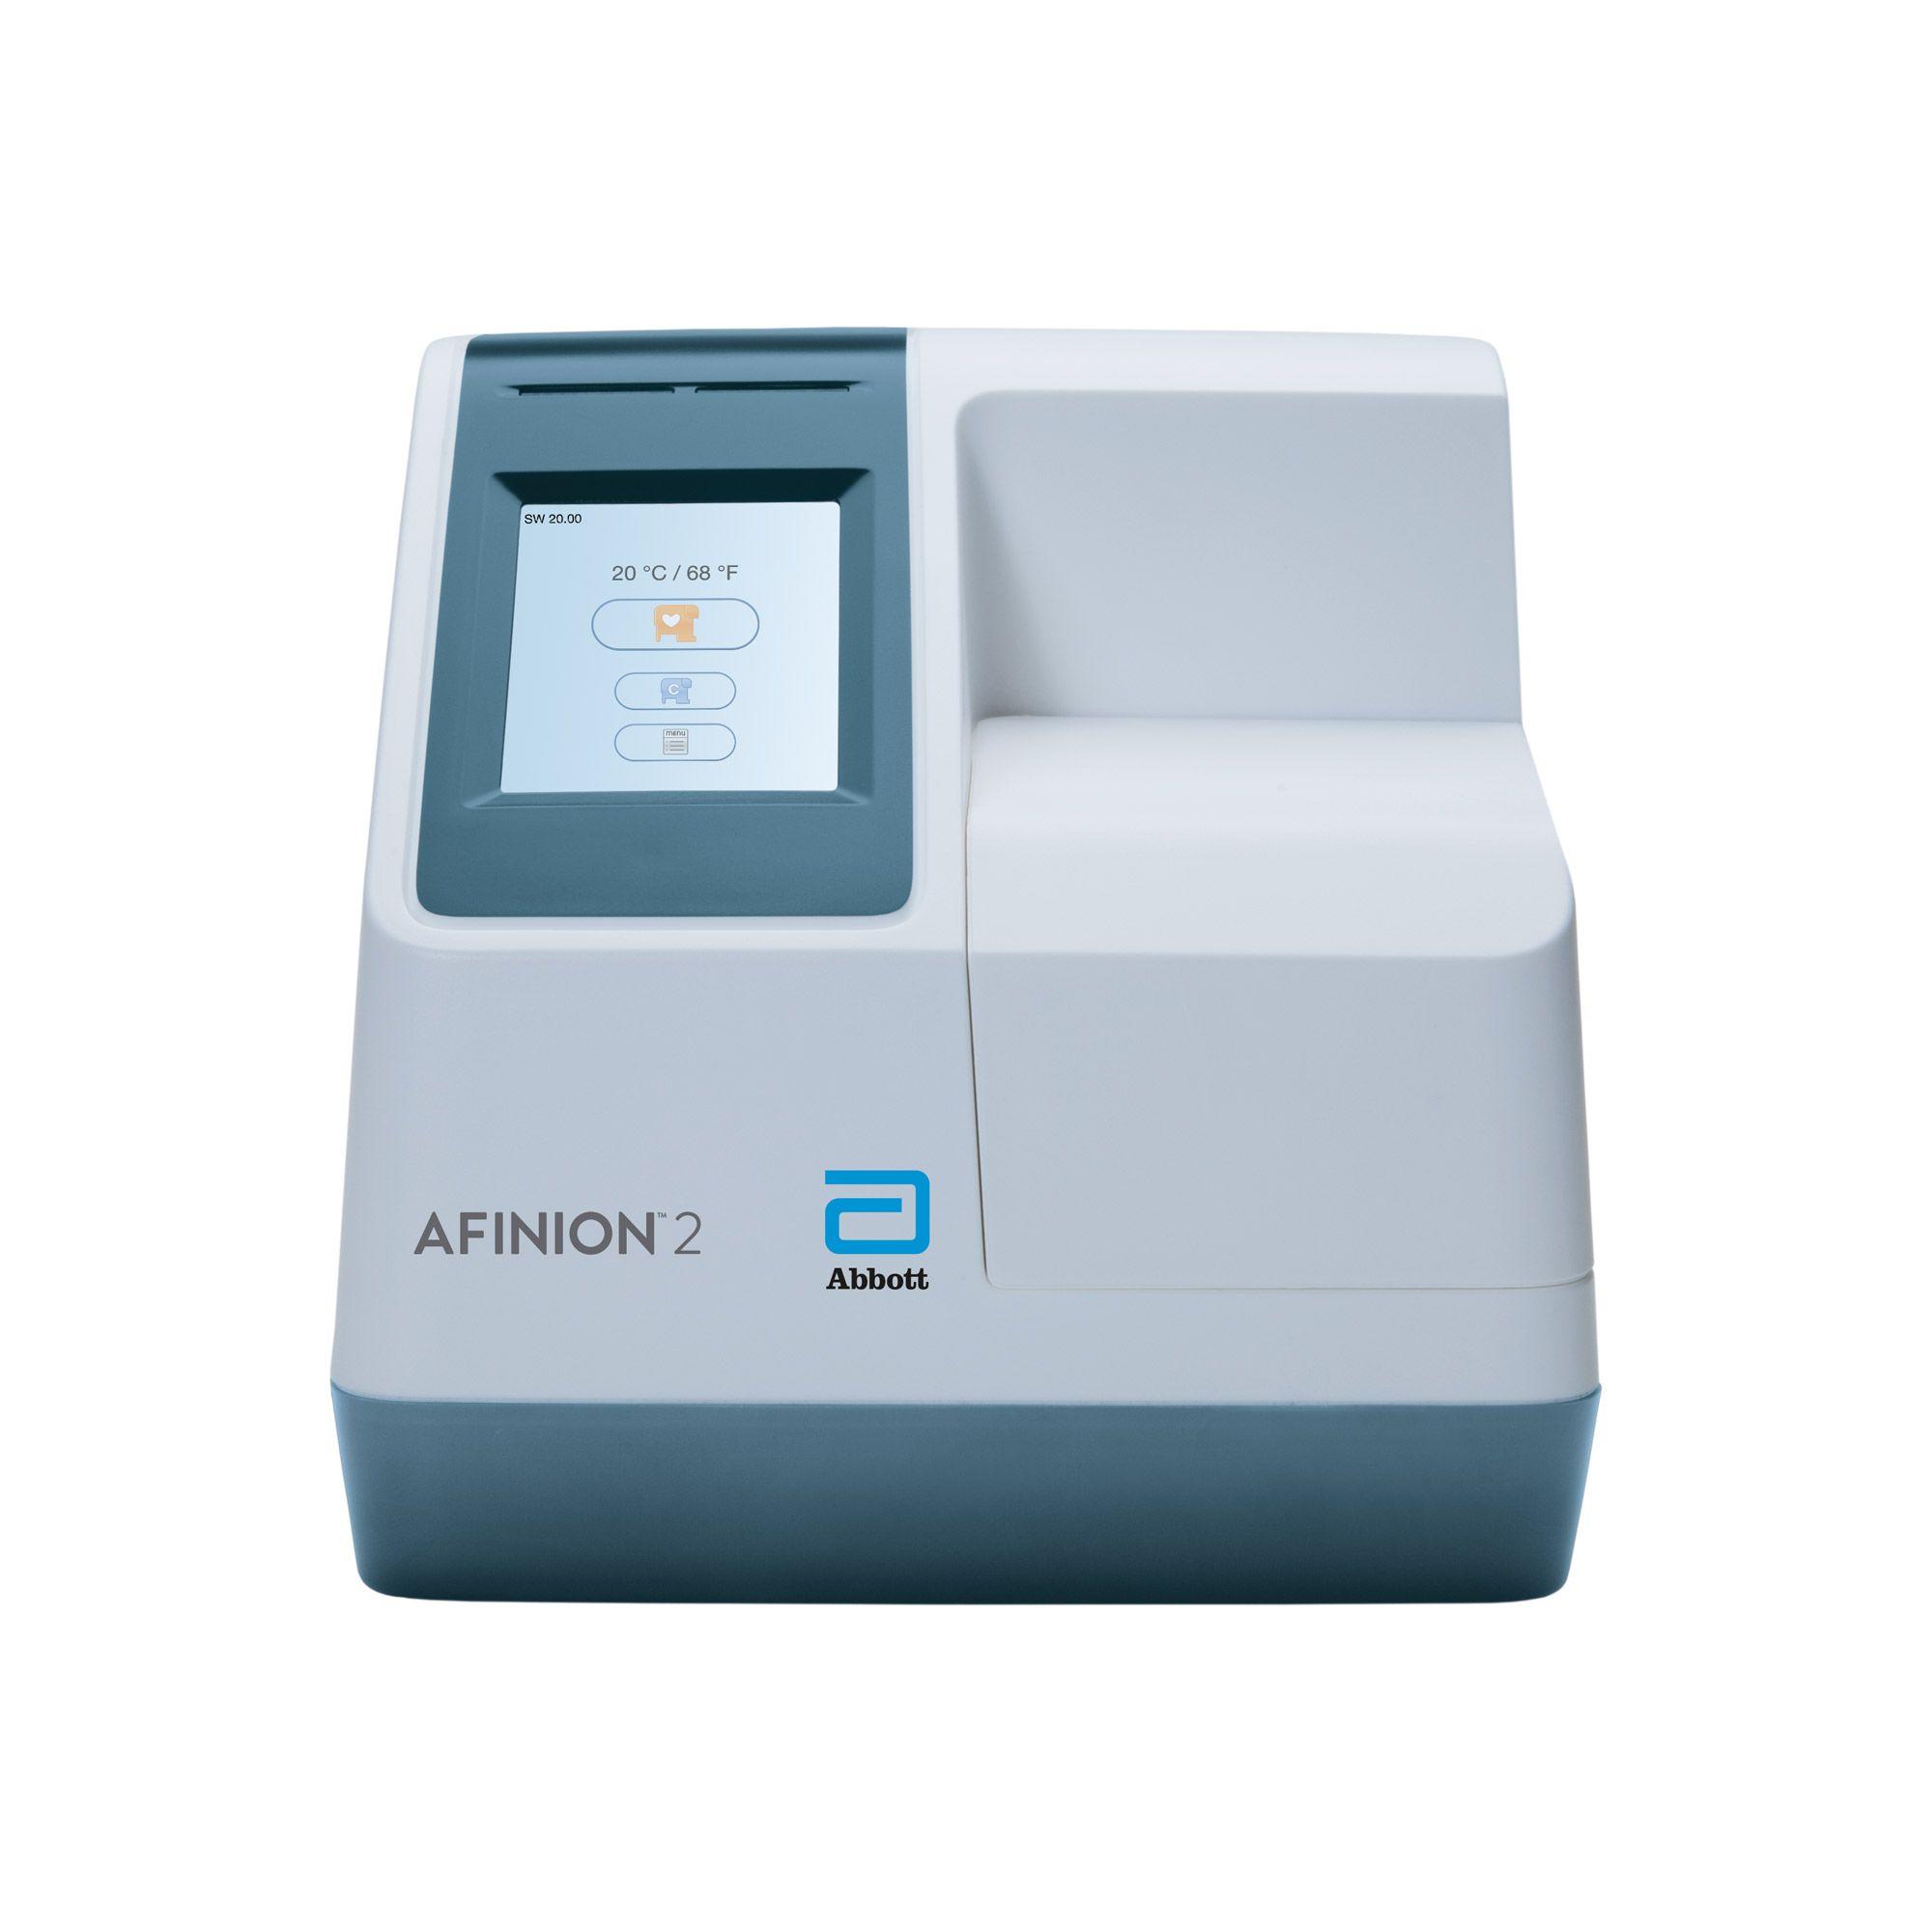 Abbott Afinion 2 product image.